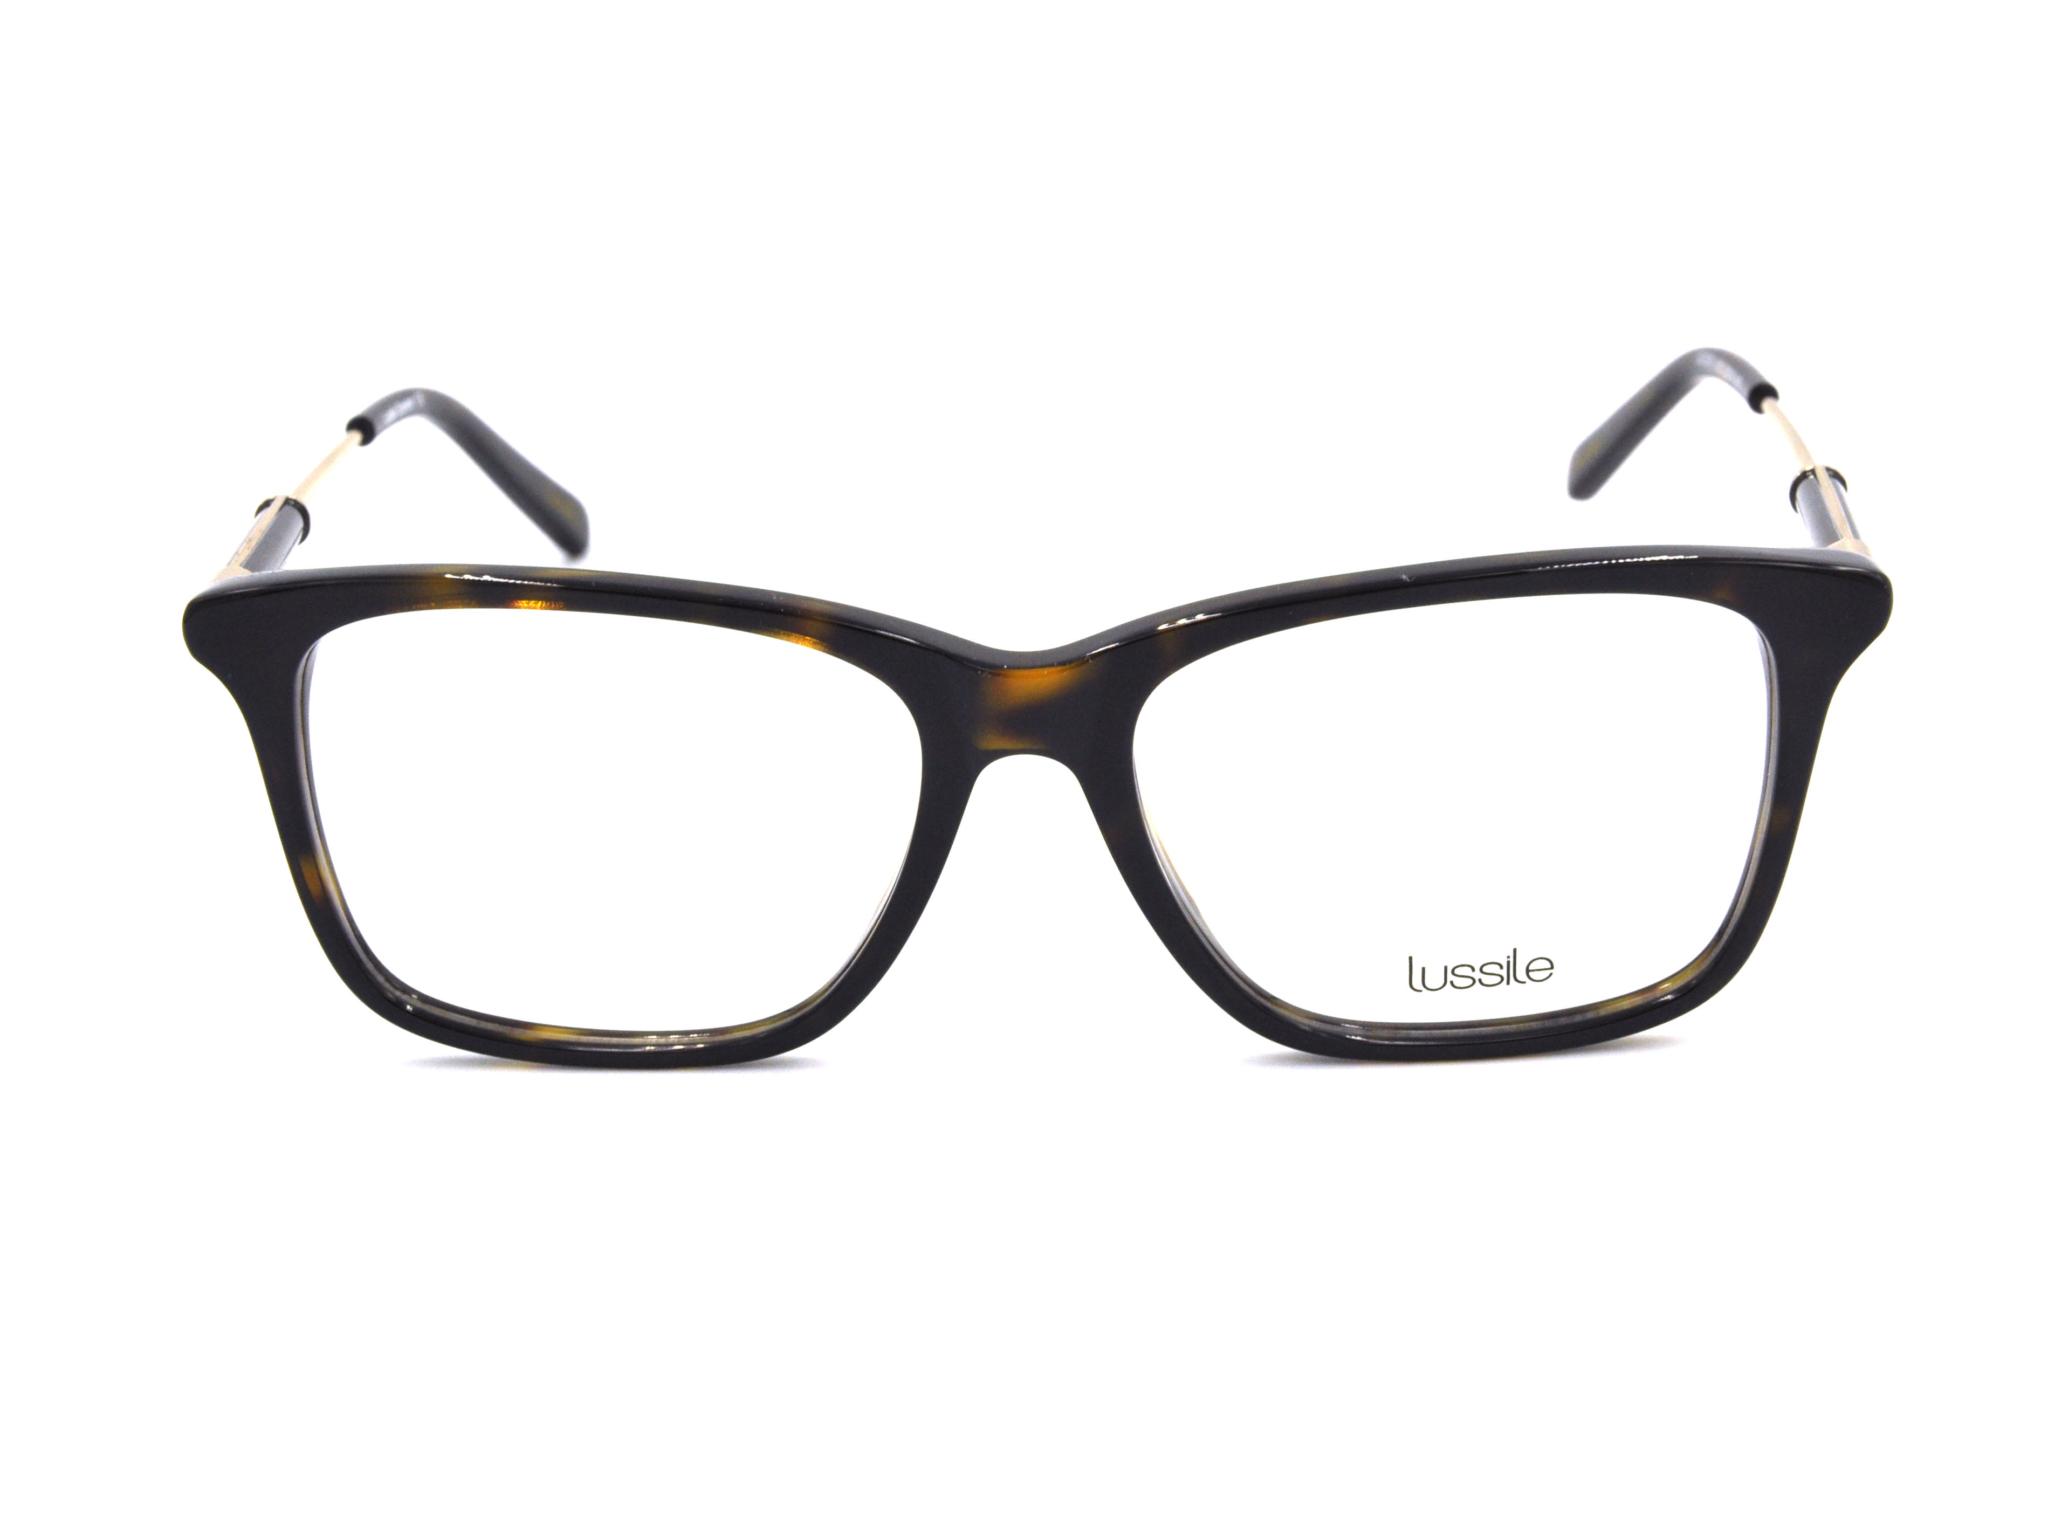 Γυαλιά οράσεως LUSSILE LS32200 LN02 Πειραιάς